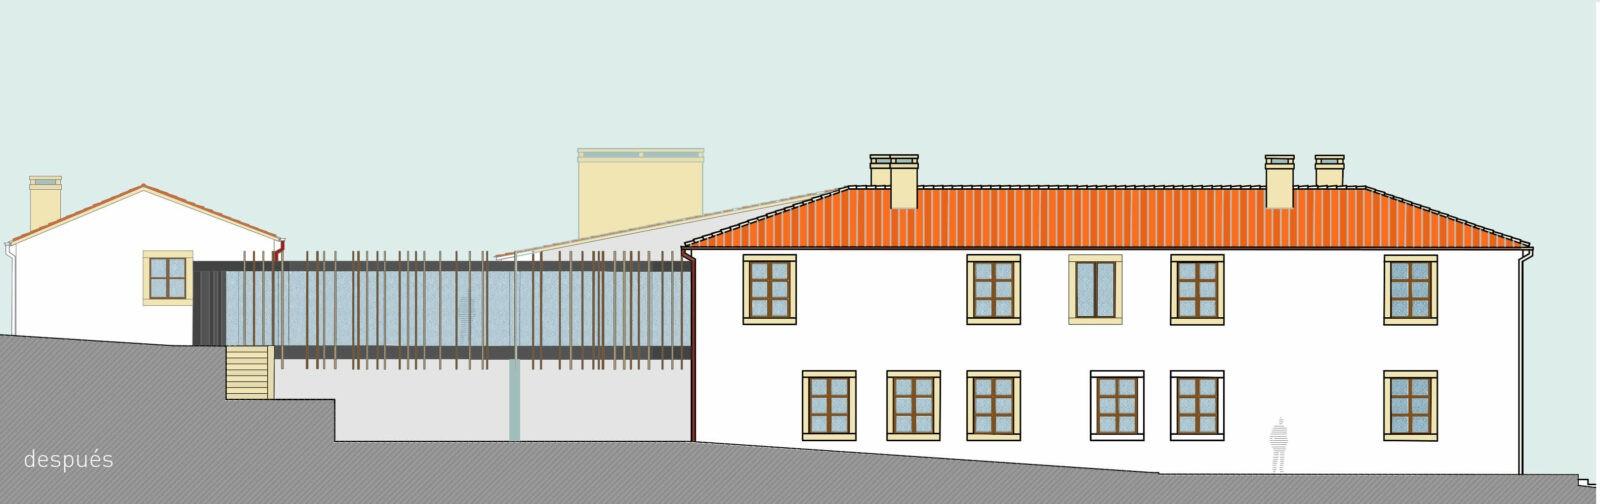 dqarquitectura-arquitectura-paisaje-proyecto-rehabilitación-pazo-de-piedra-ourense-alzado